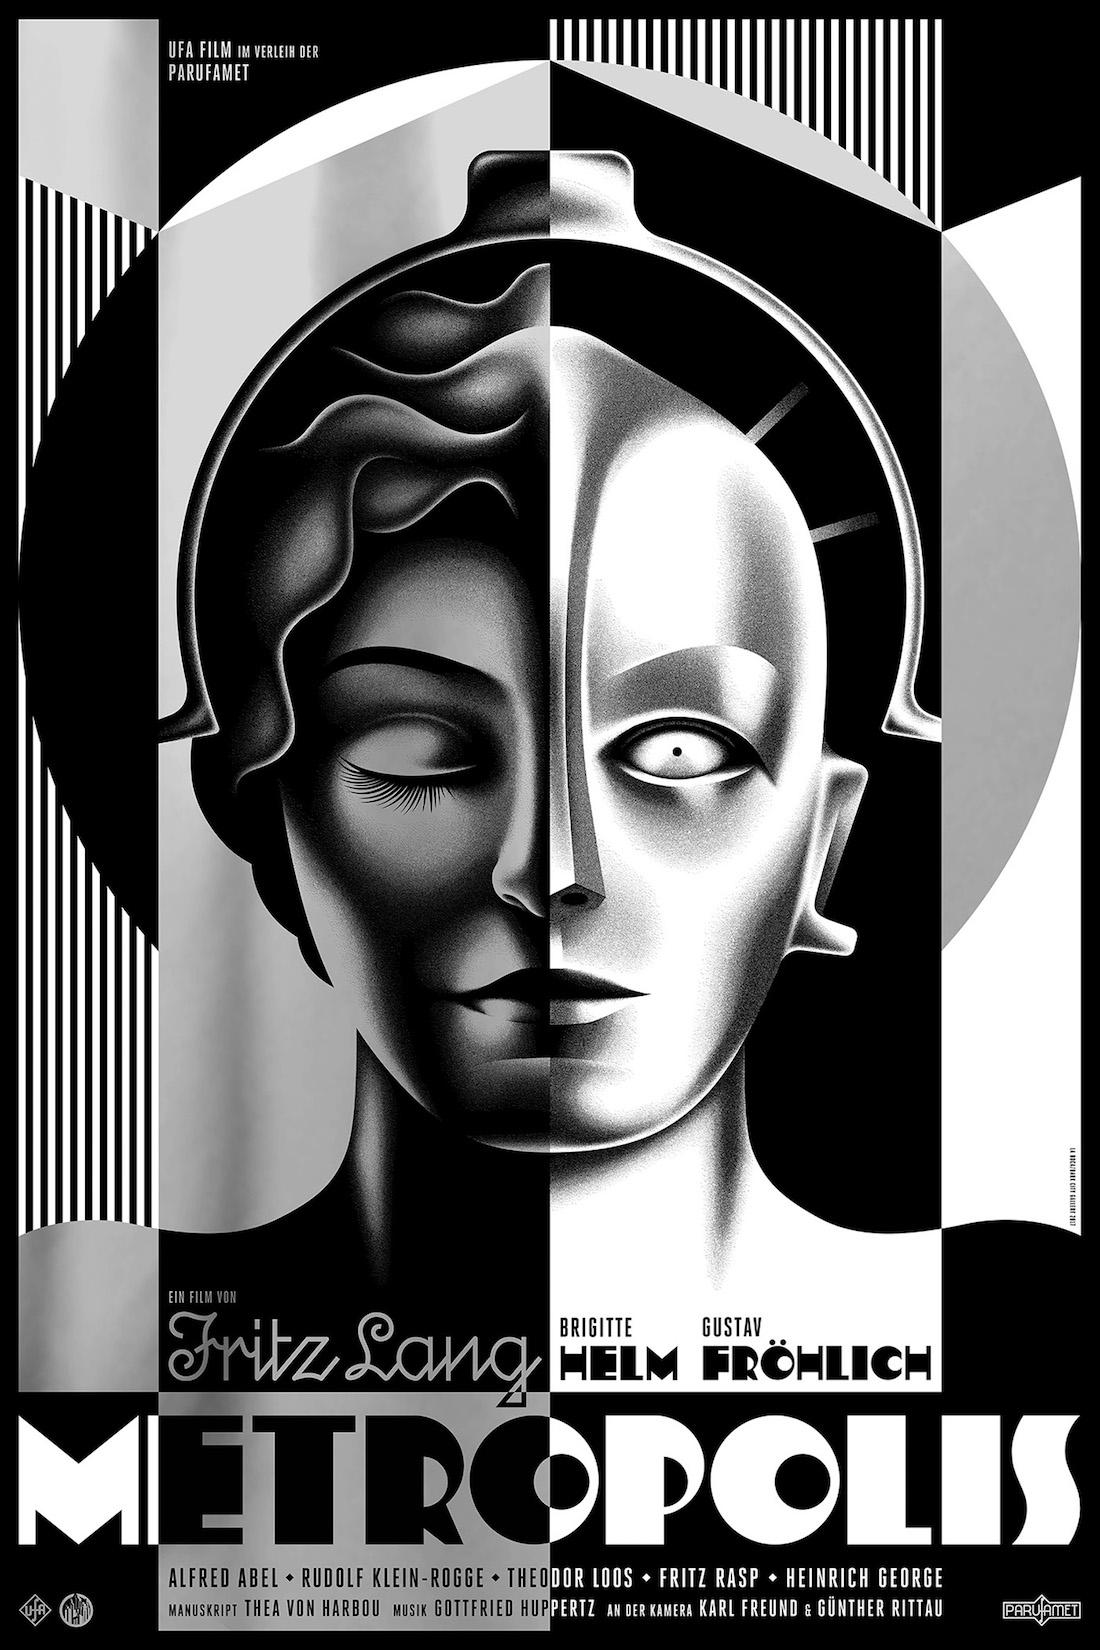 Metropolis poster by la boca silver edition